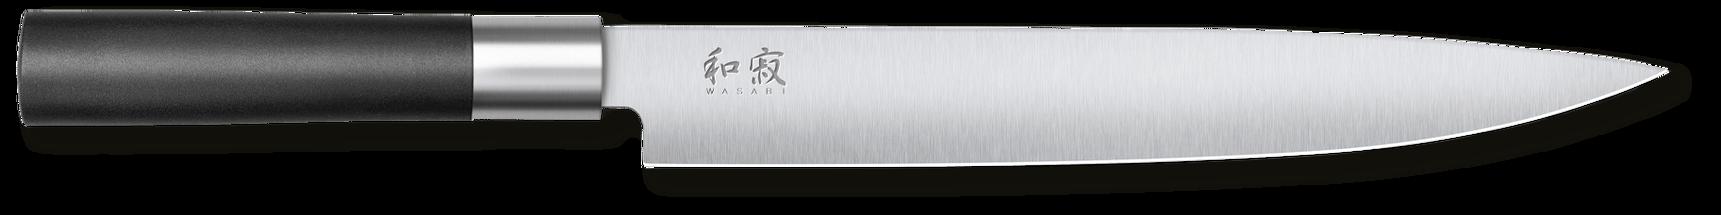 Kai Wasabi Vleesmes 23 cm.png